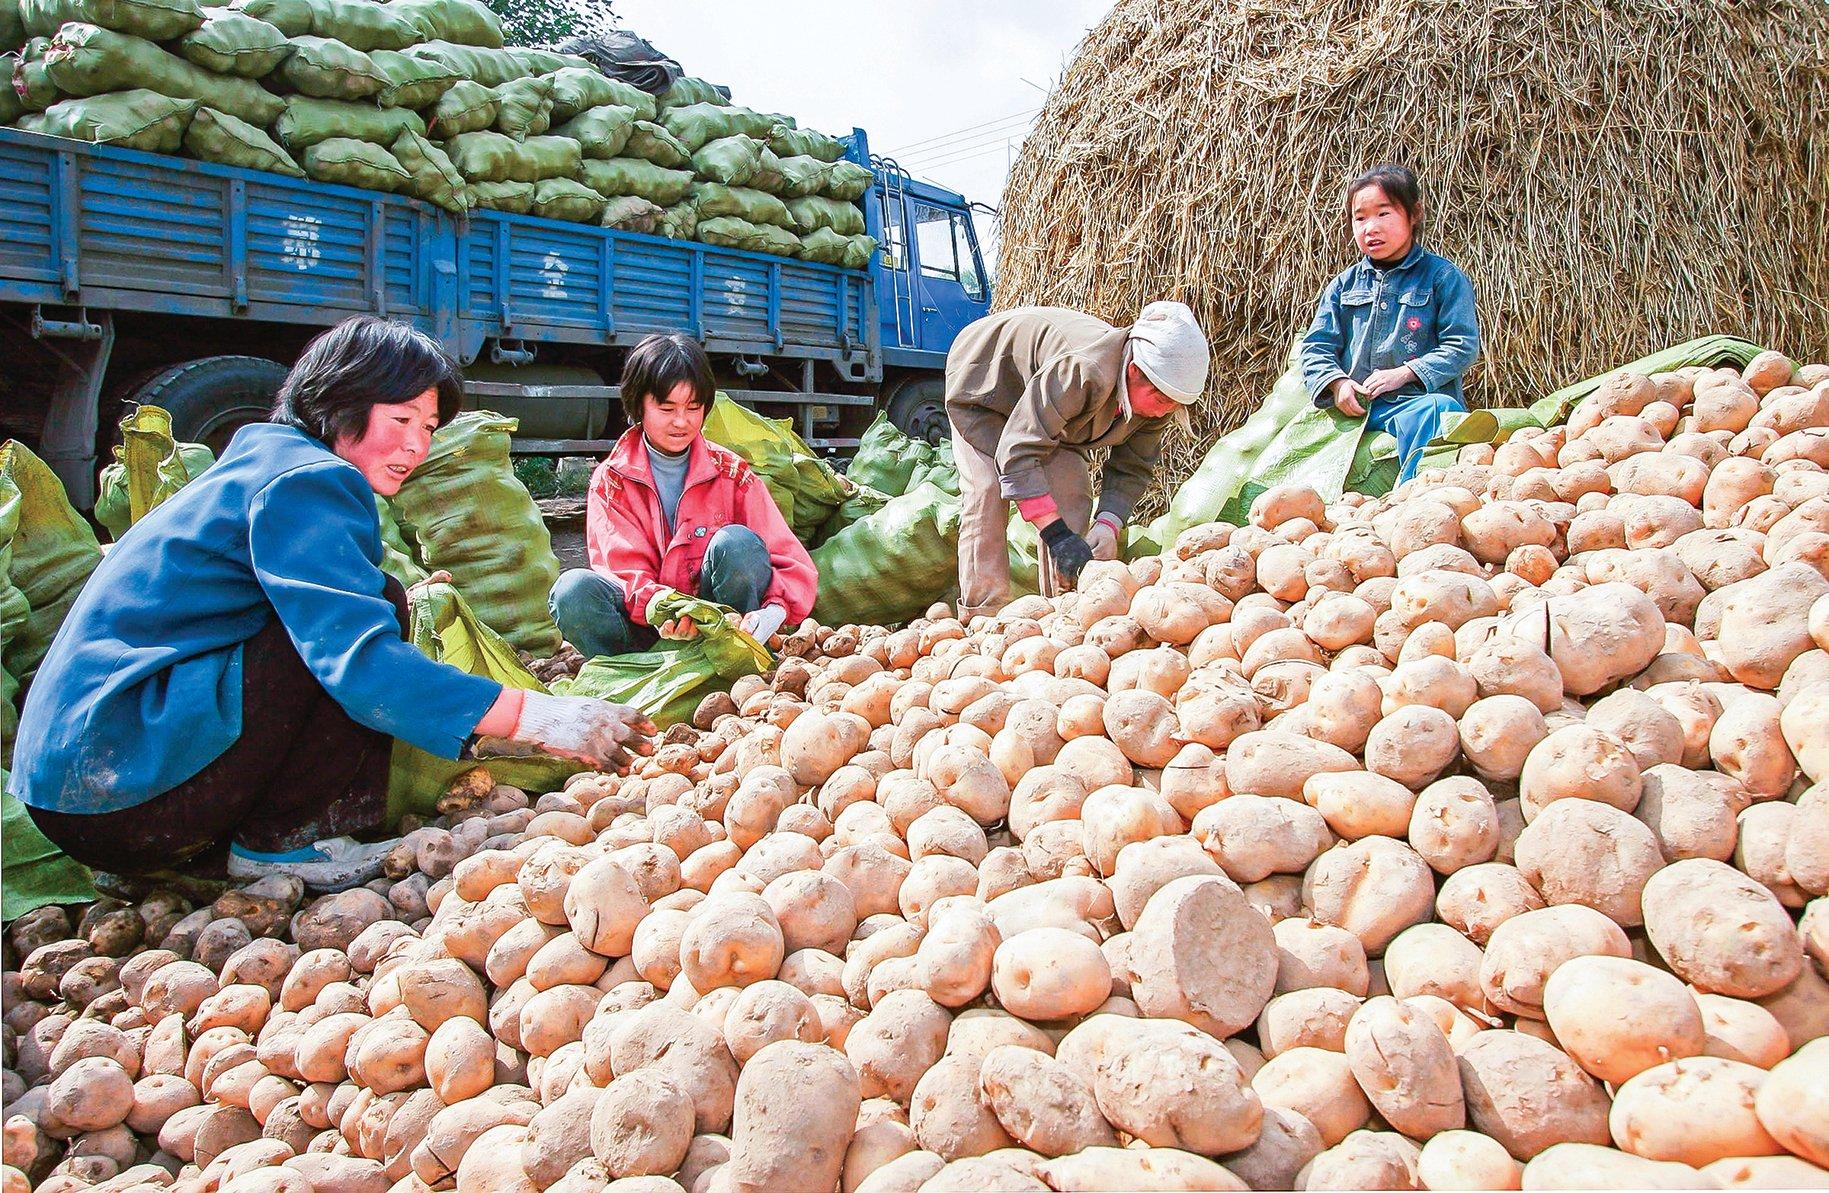 2014至2019年,中國種子進口大於出口,例如,土豆、辣椒、洋蔥、胡蘿蔔、番茄等蔬菜主要是依靠洋種育成。圖為青海省的農民在把收穫的土豆裝上車。(Getty Images)